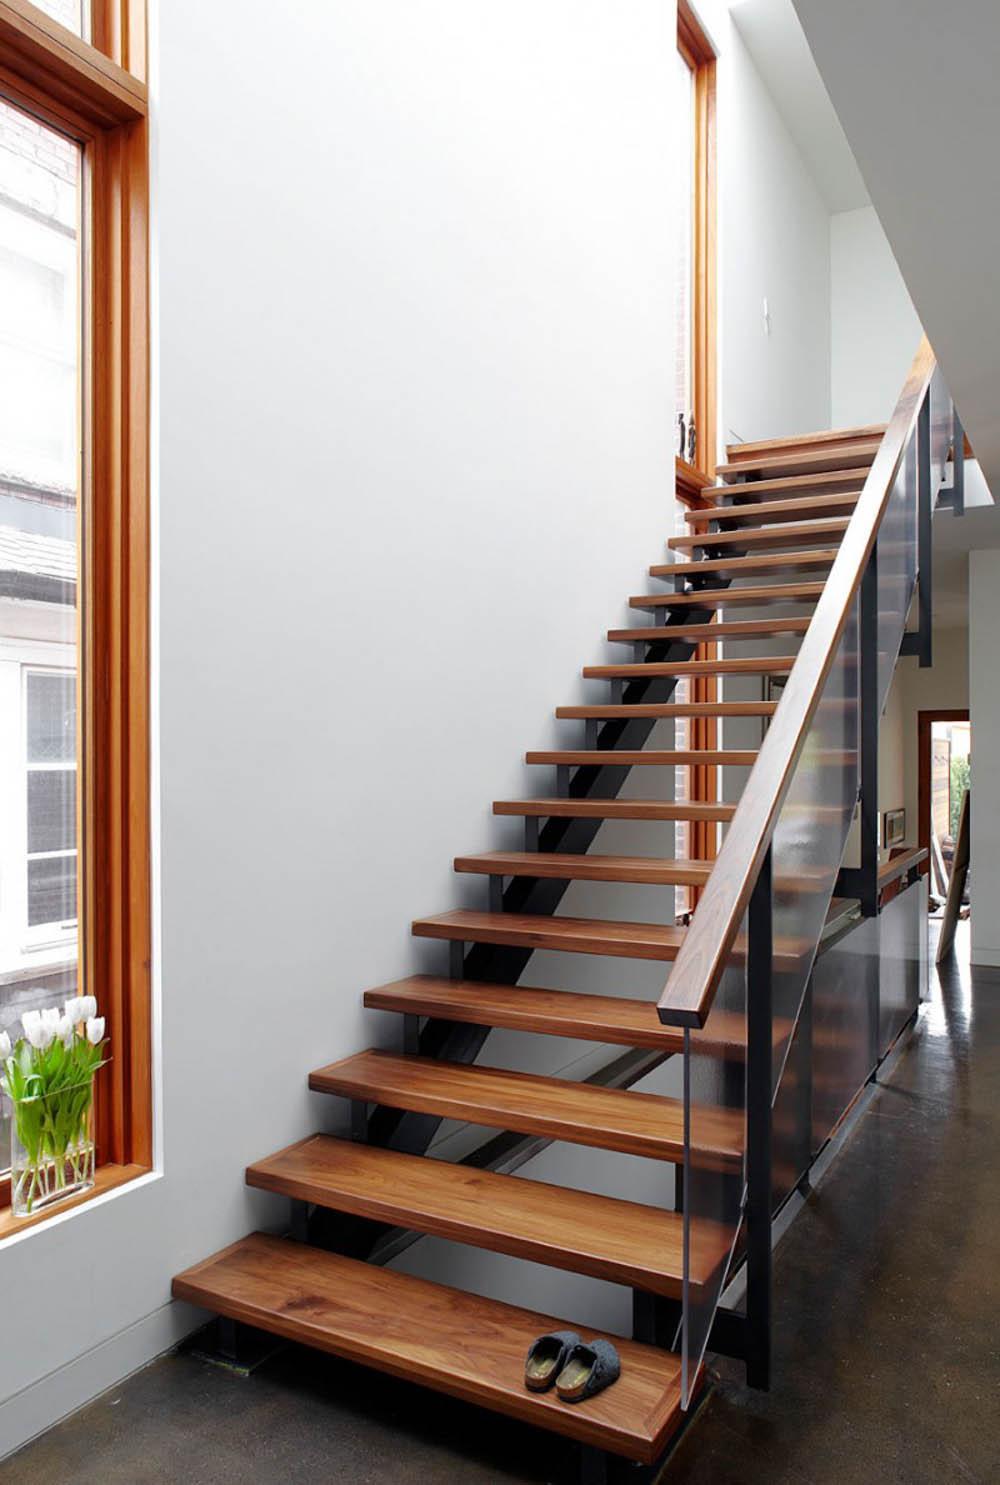 Tư vấn thiết kế nhà 2 tầng 40m² hợp lý cho hộ gia đình 5